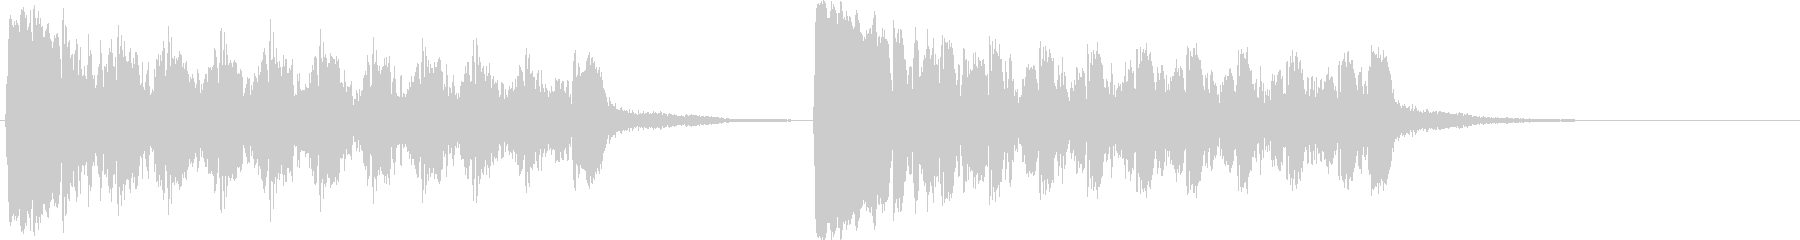 ショッキングシーン_トランペット1の未再生の波形